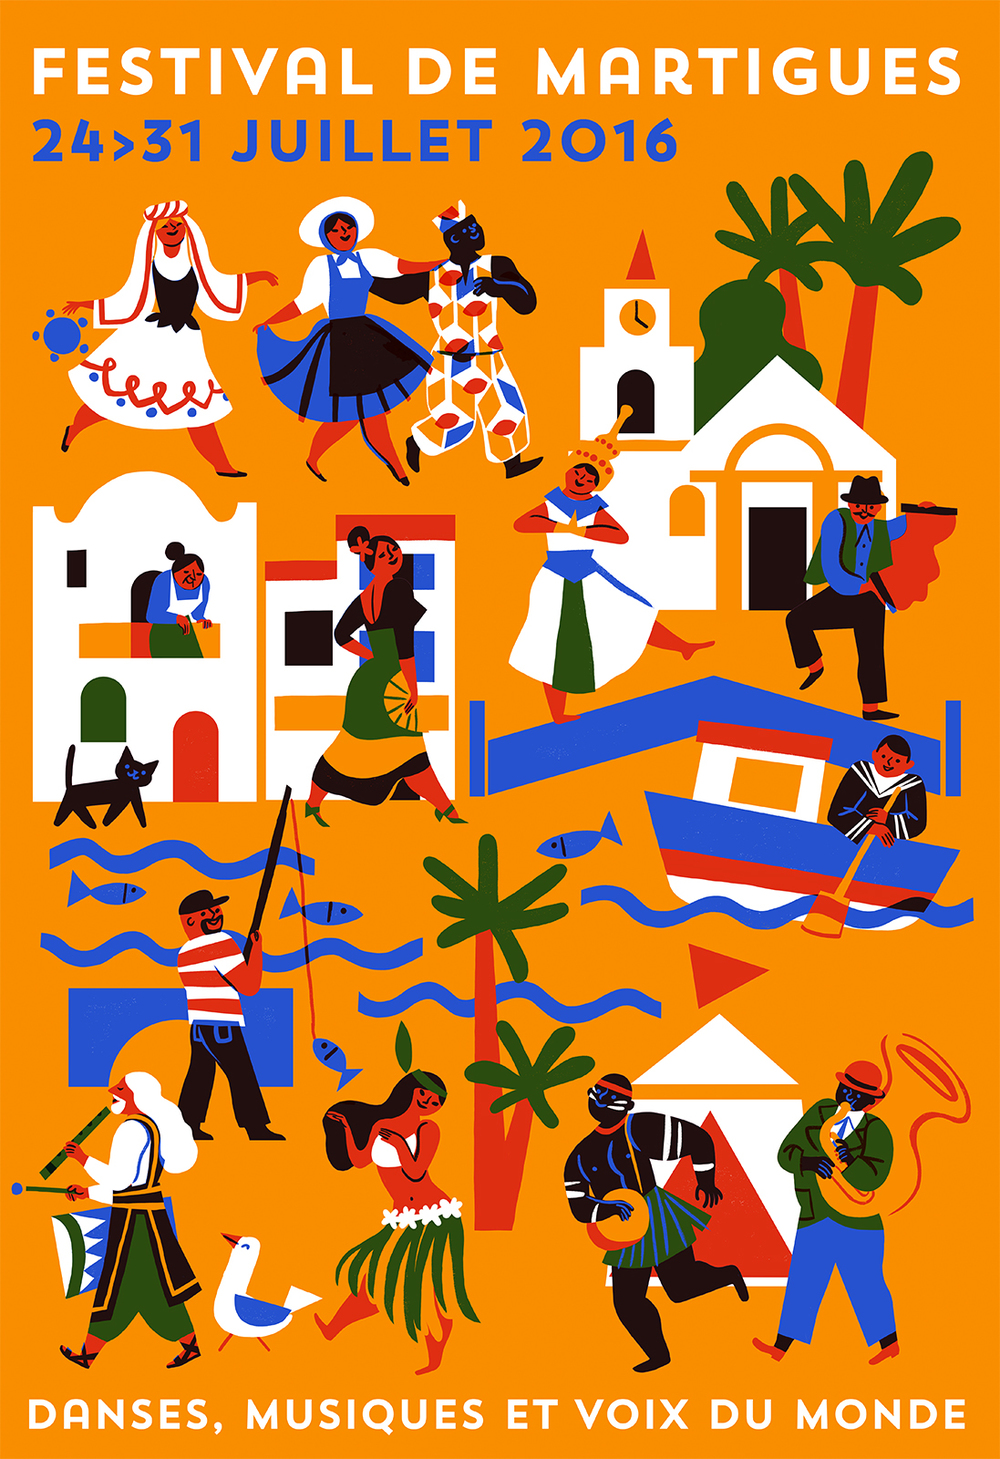 Virginie Morgand | Poster for Festival de Martigues 2016